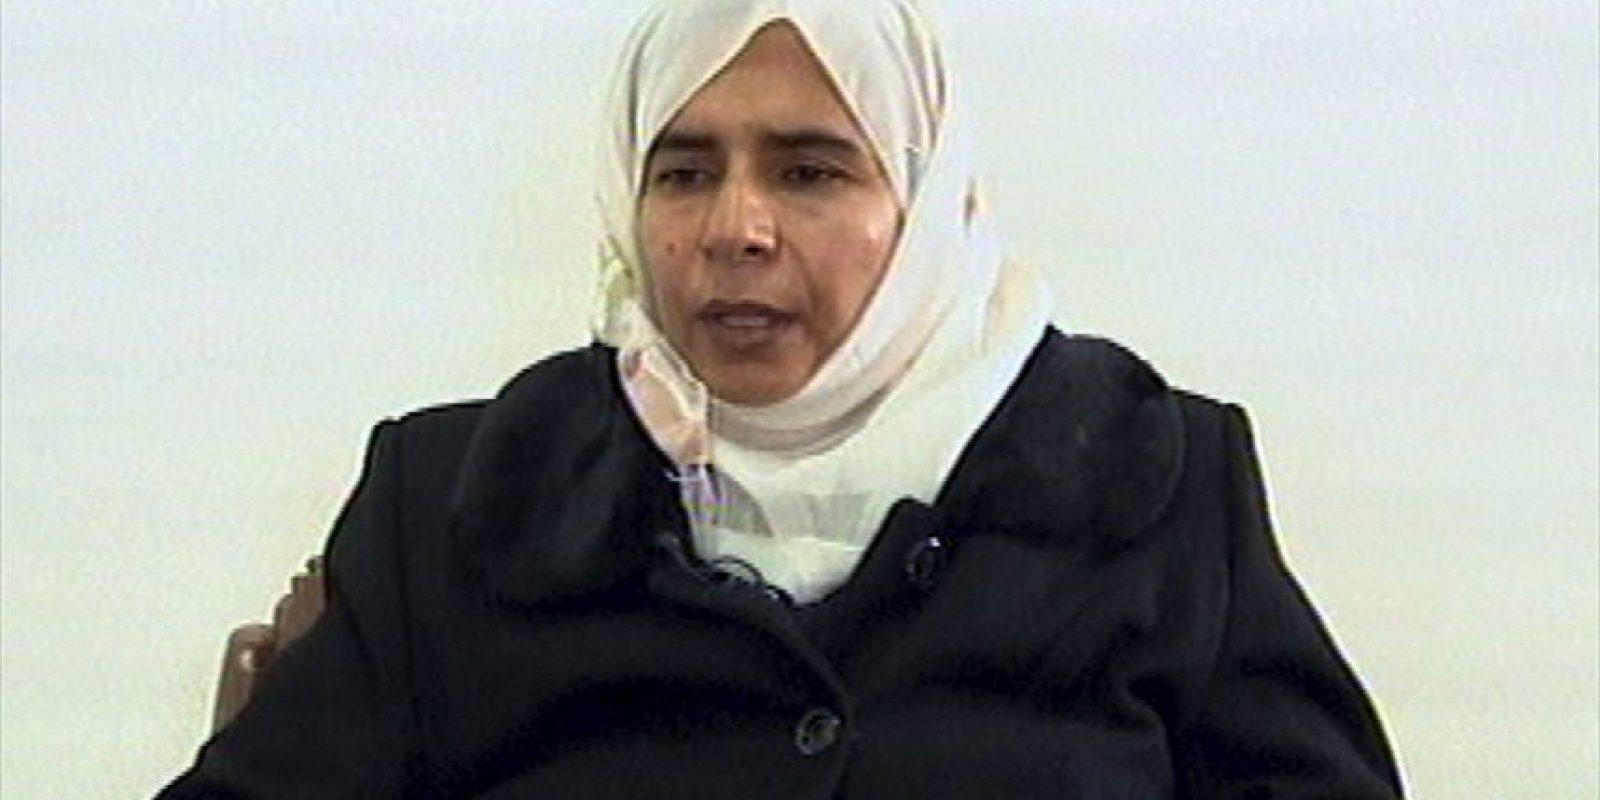 La liberación de la prisionera es la condiciçión que pone el Estado Islámico. Foto:AP